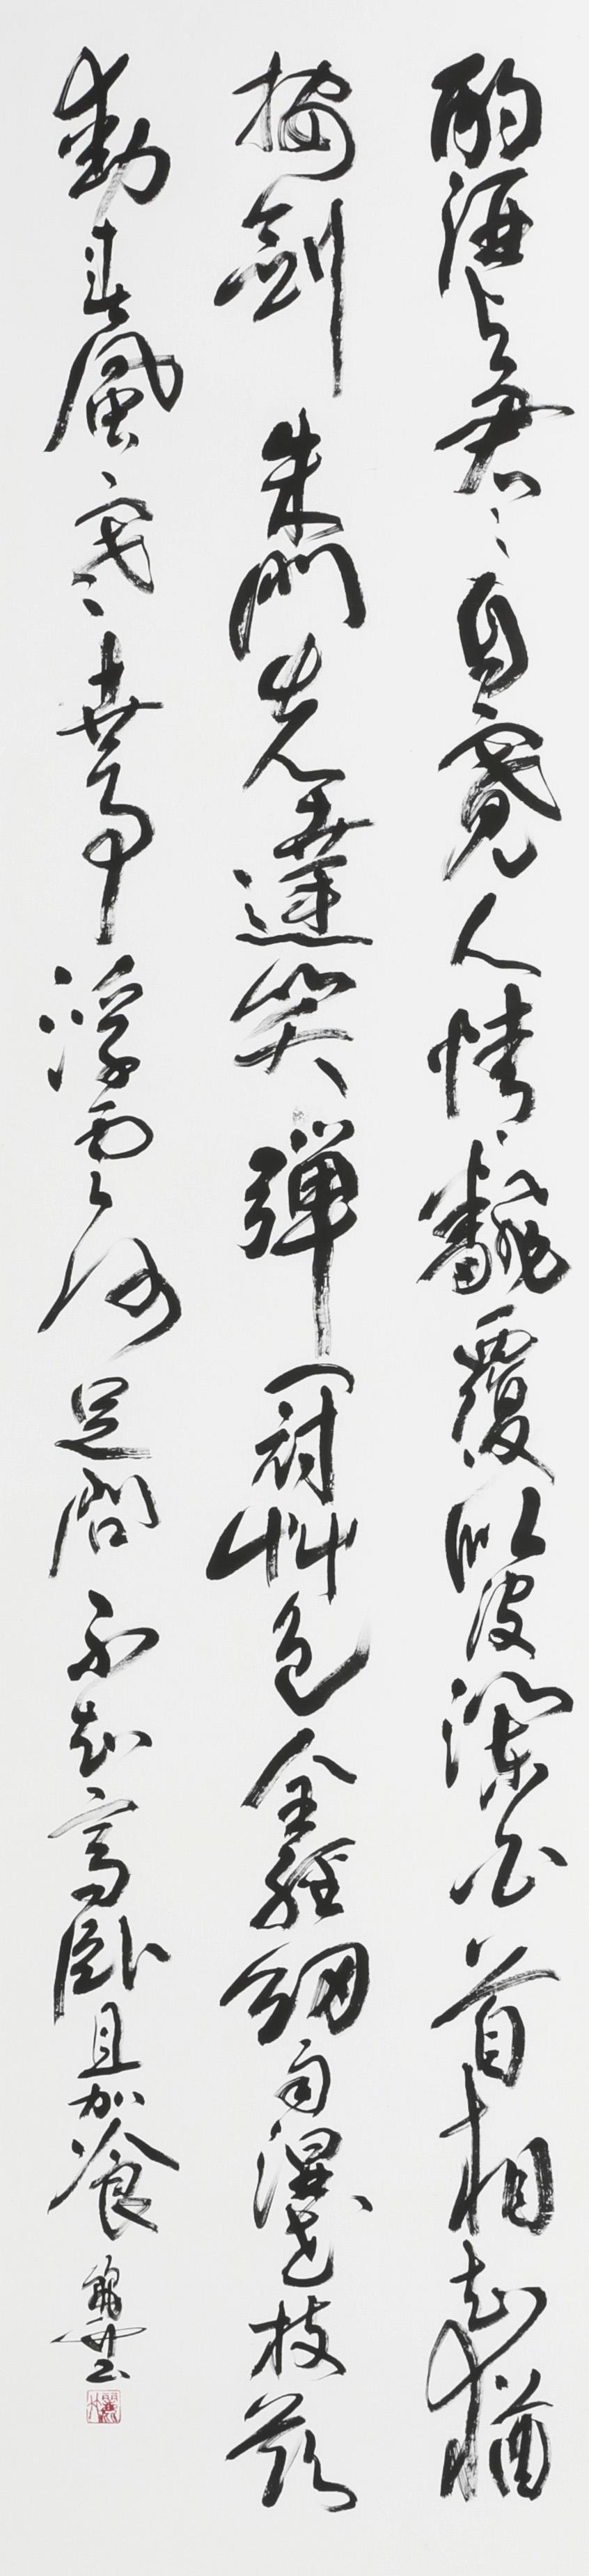 第35回記念産経国際書展新春展出品作「王維 酌酒与裴迪」(縦240×横60センチ)